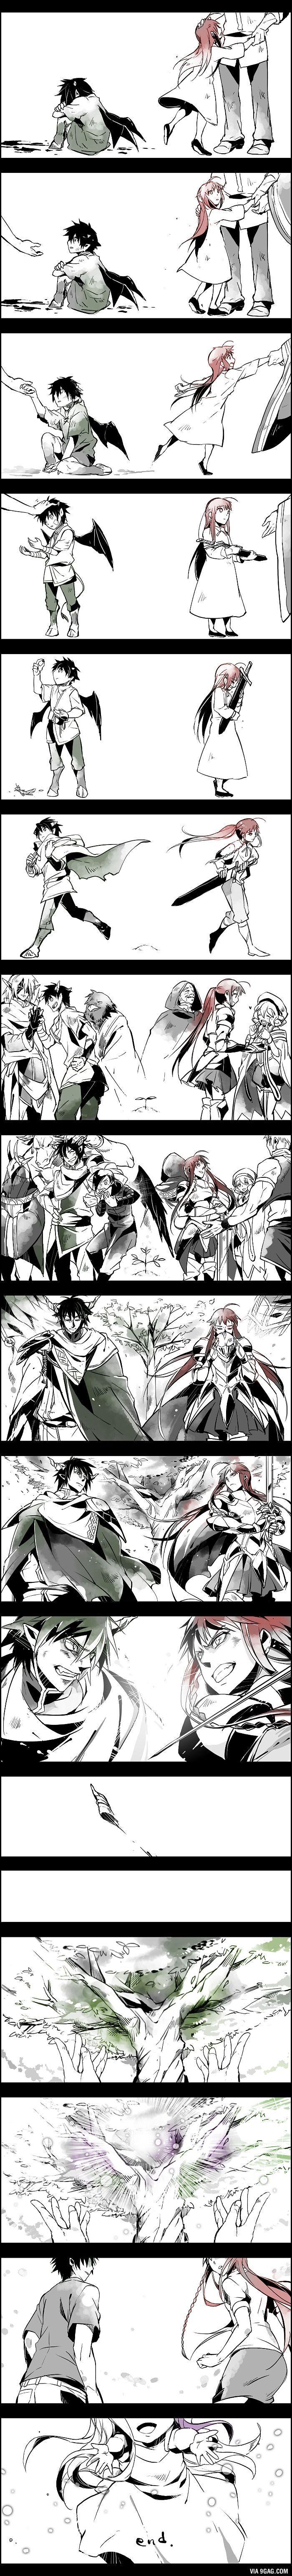 ravenna - Randaris-Anime. I don't now, but i think thats Ao no Exorzist, right?